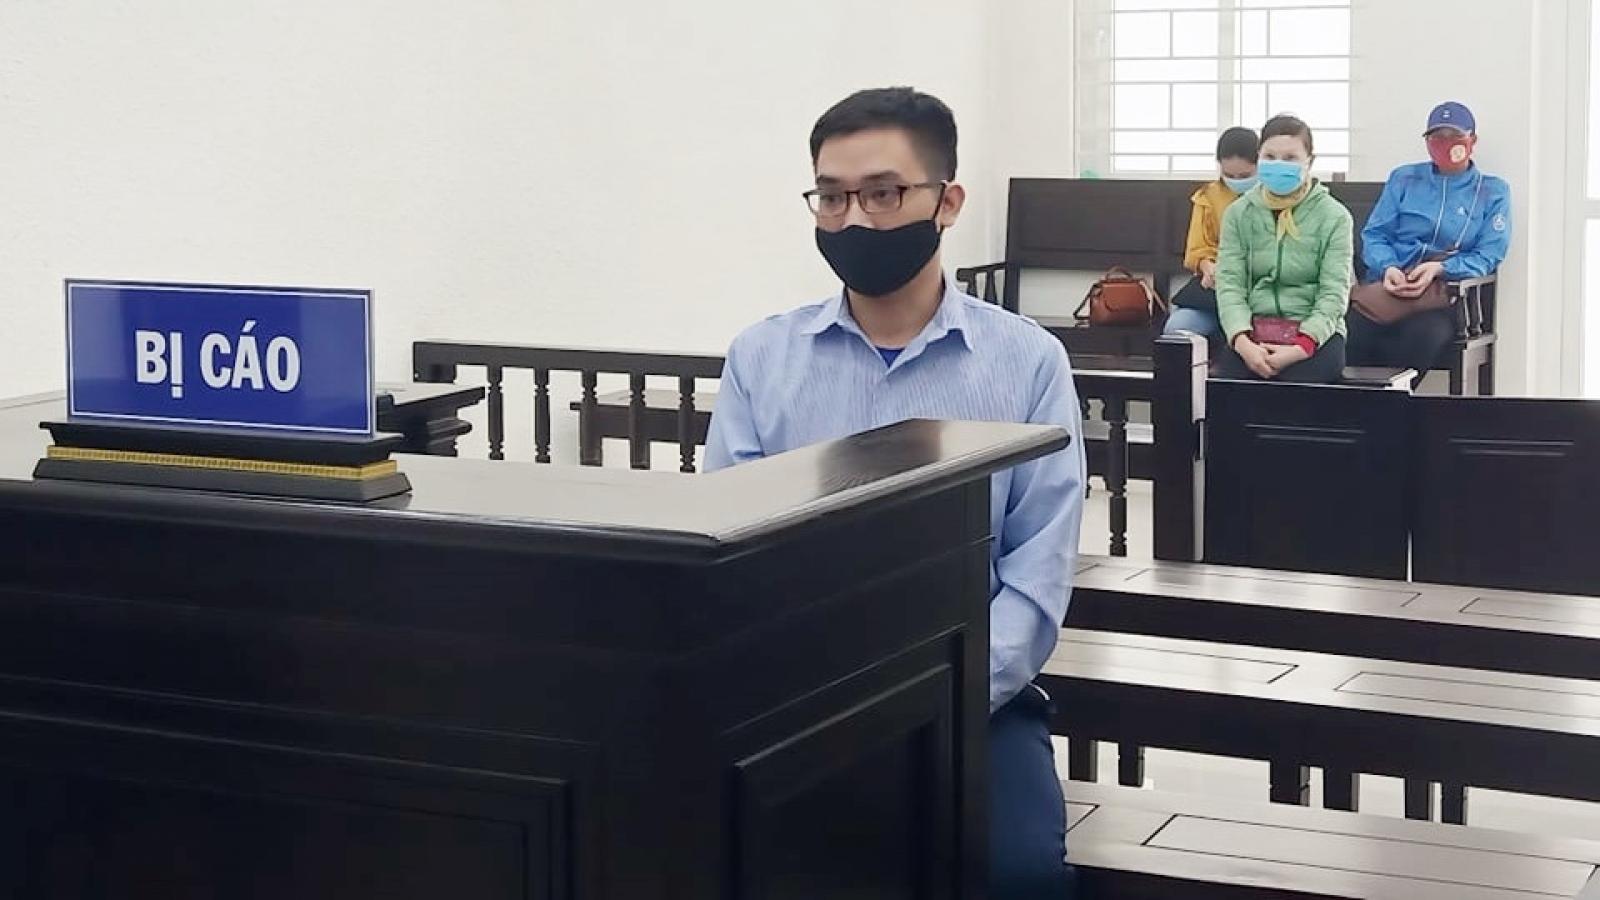 Tuyên án 12 năm tù đối tượng lợi dụng dịch Covid-19 để lừa đảo